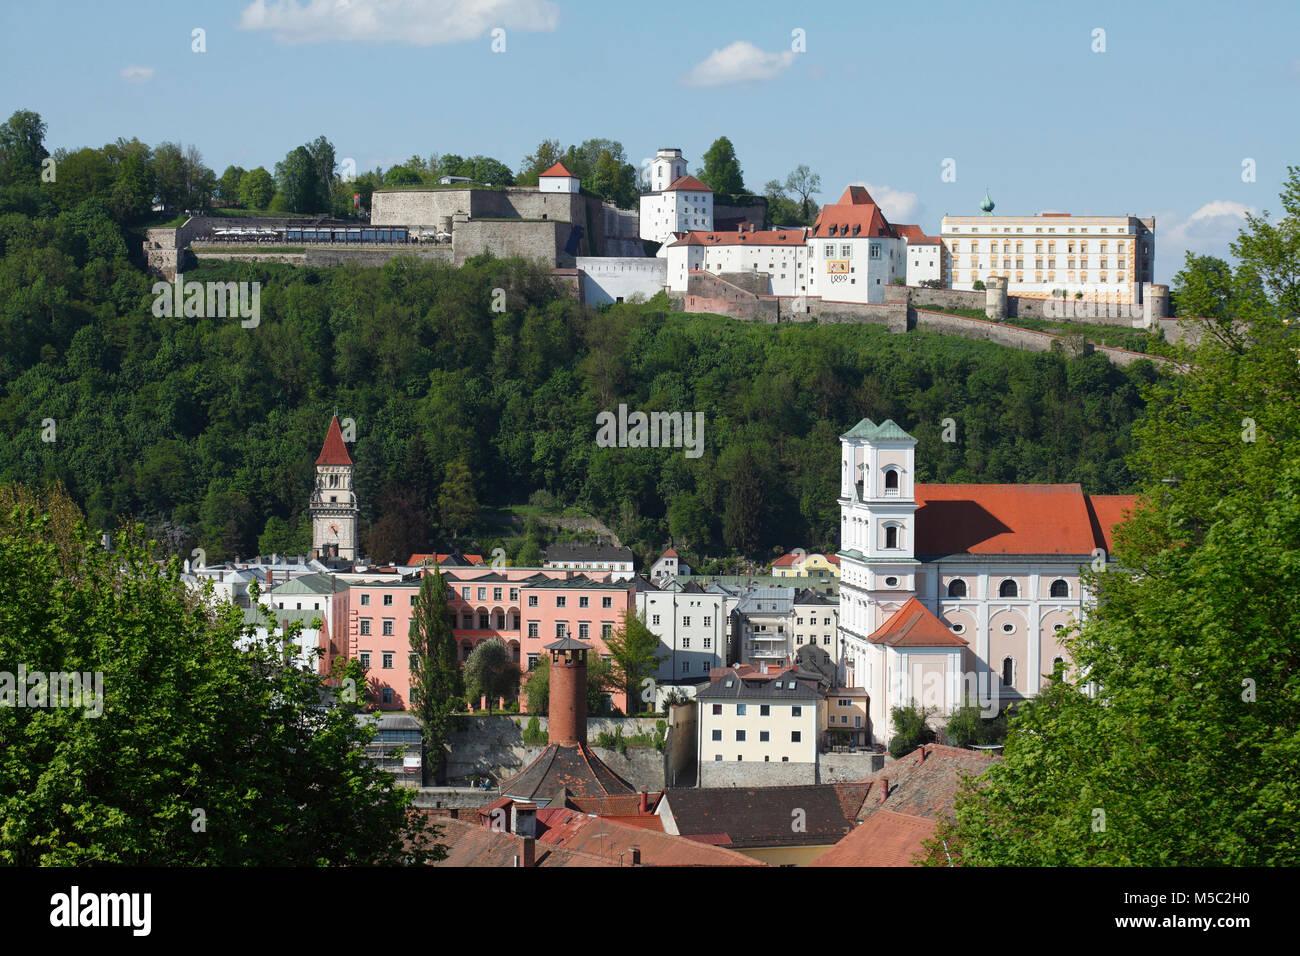 Castle amp; Images Oberhaus Veste Photos Alamy qrYqUgw